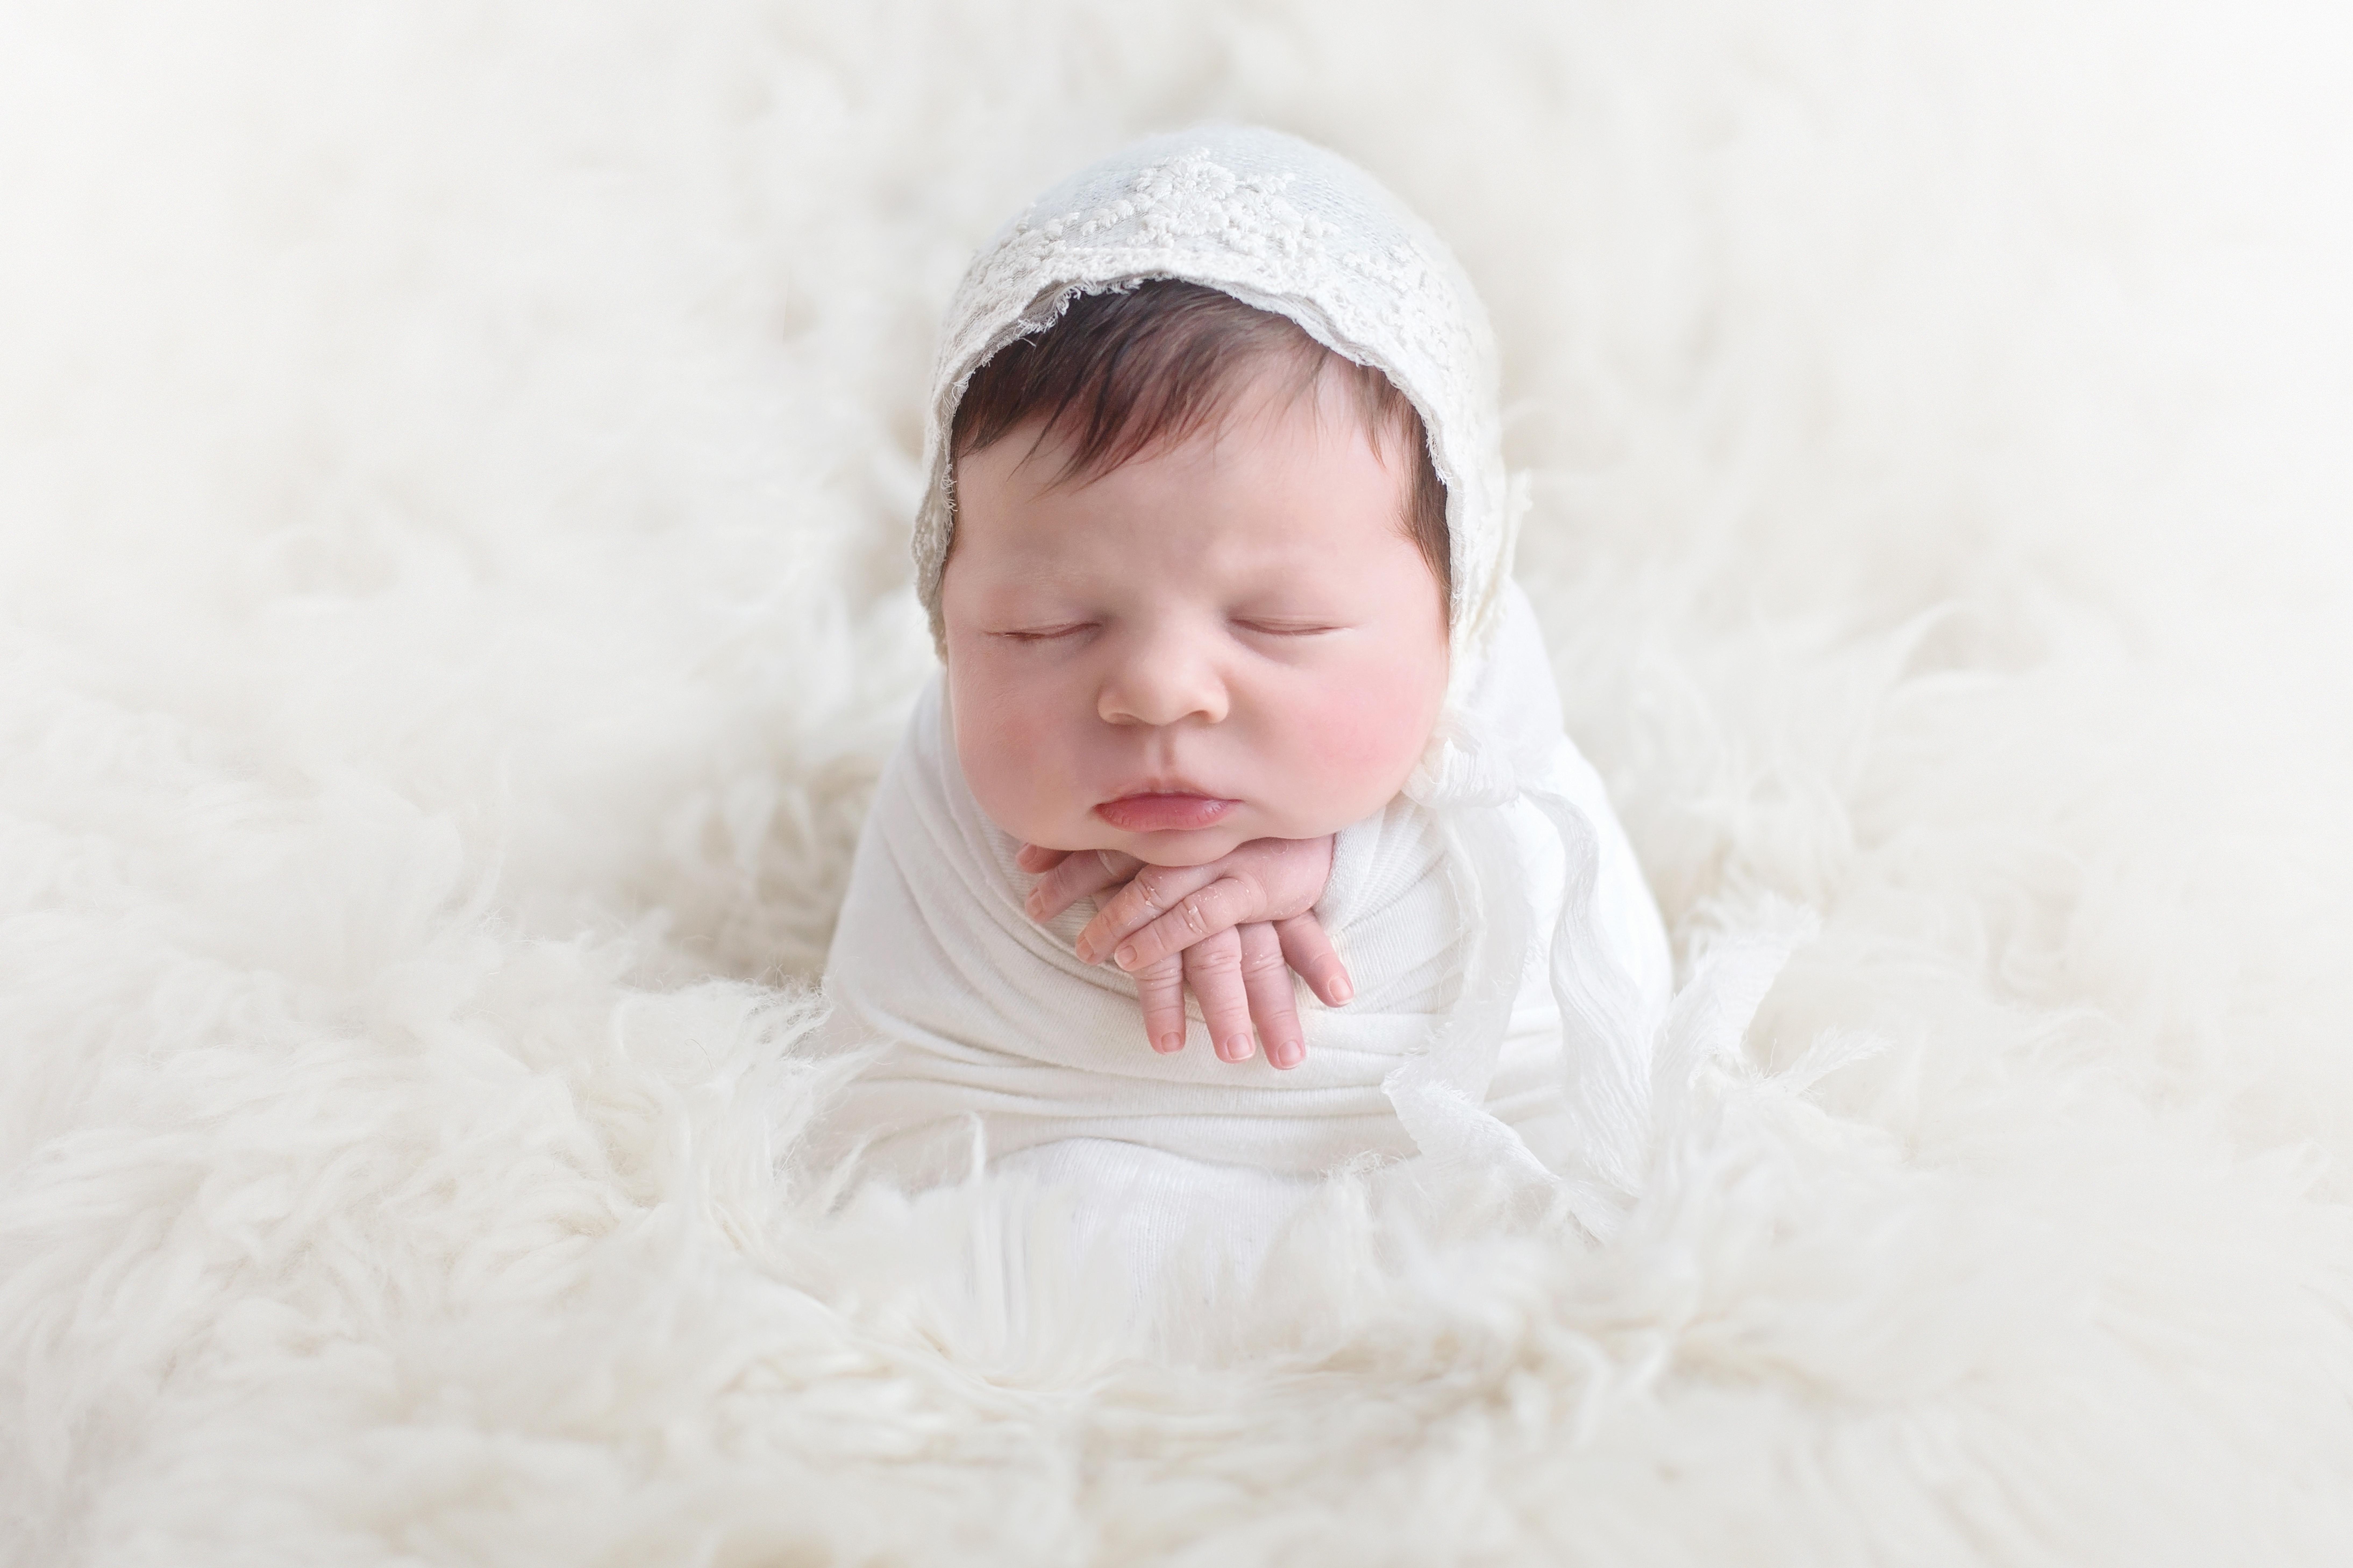 photographes-bebe-seance-sur-mesure-experience-nouveau-ne-paris-orleans-basile-et-capucine